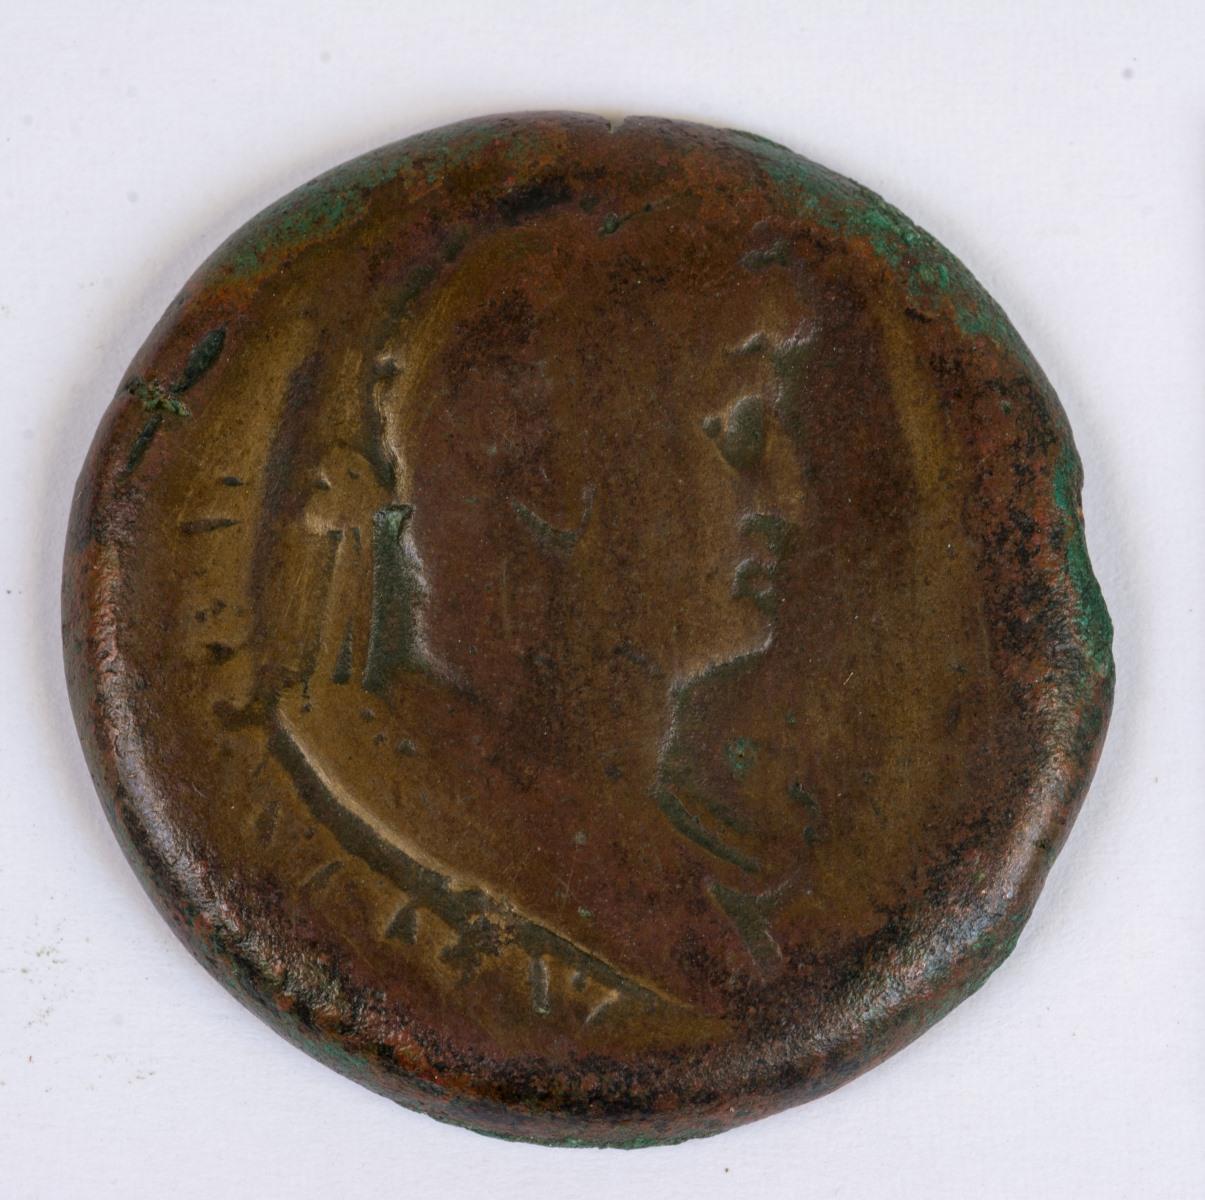 Monnaie, bronze_0